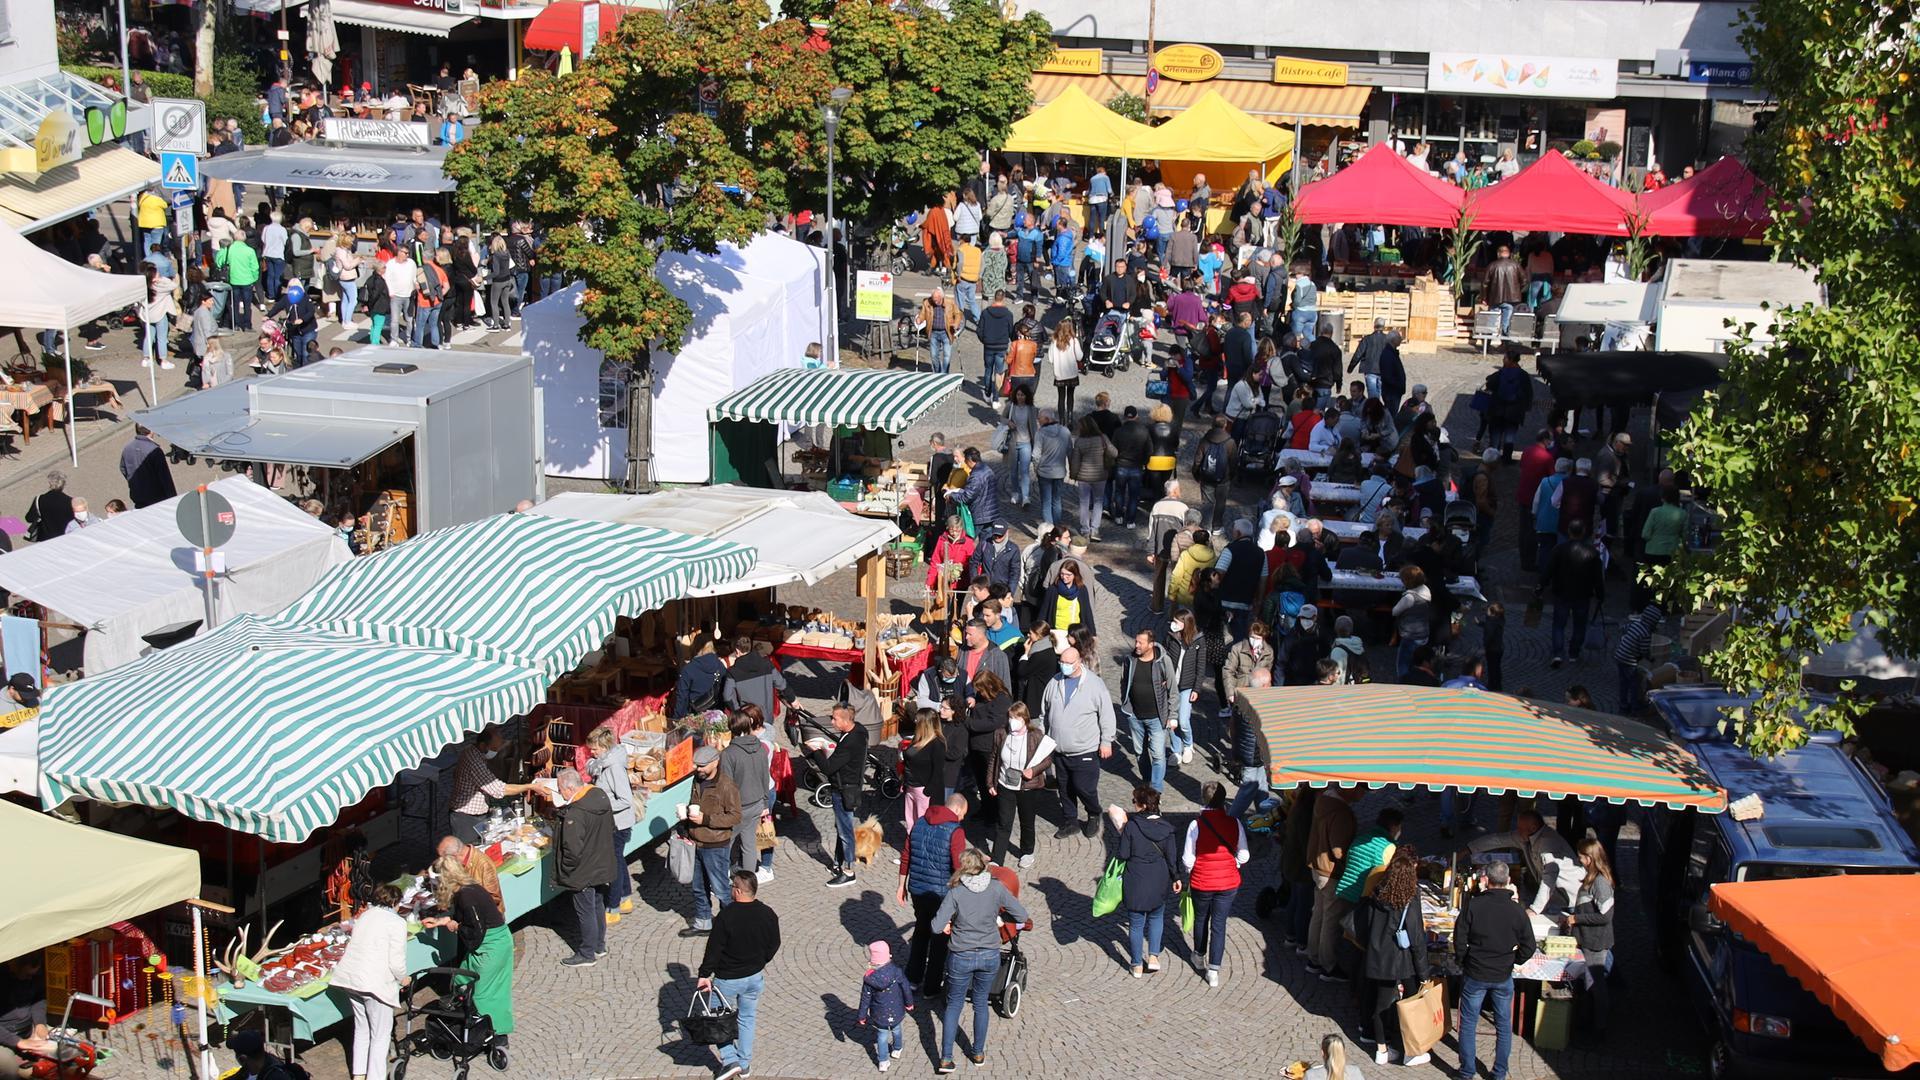 Bei herrlichem Spätsommerwetter zog es Tausende zum 50. Acherner Bauernmarkt und den Ständen von 100 Marktleuten.